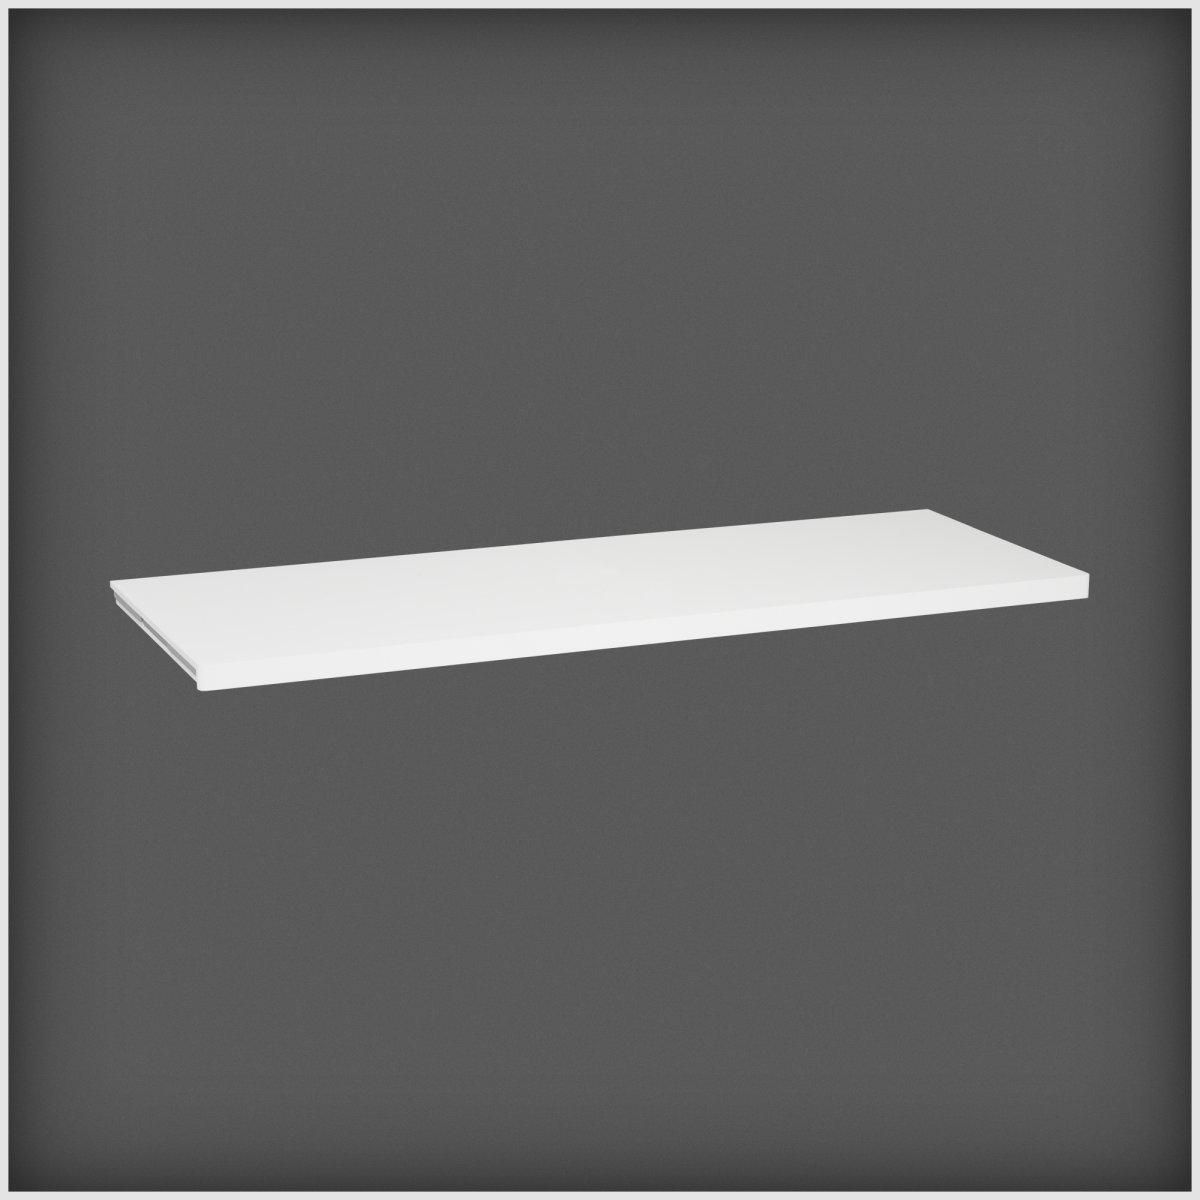 Elfa Décor hylde 40, længde 1212 mm, hvid